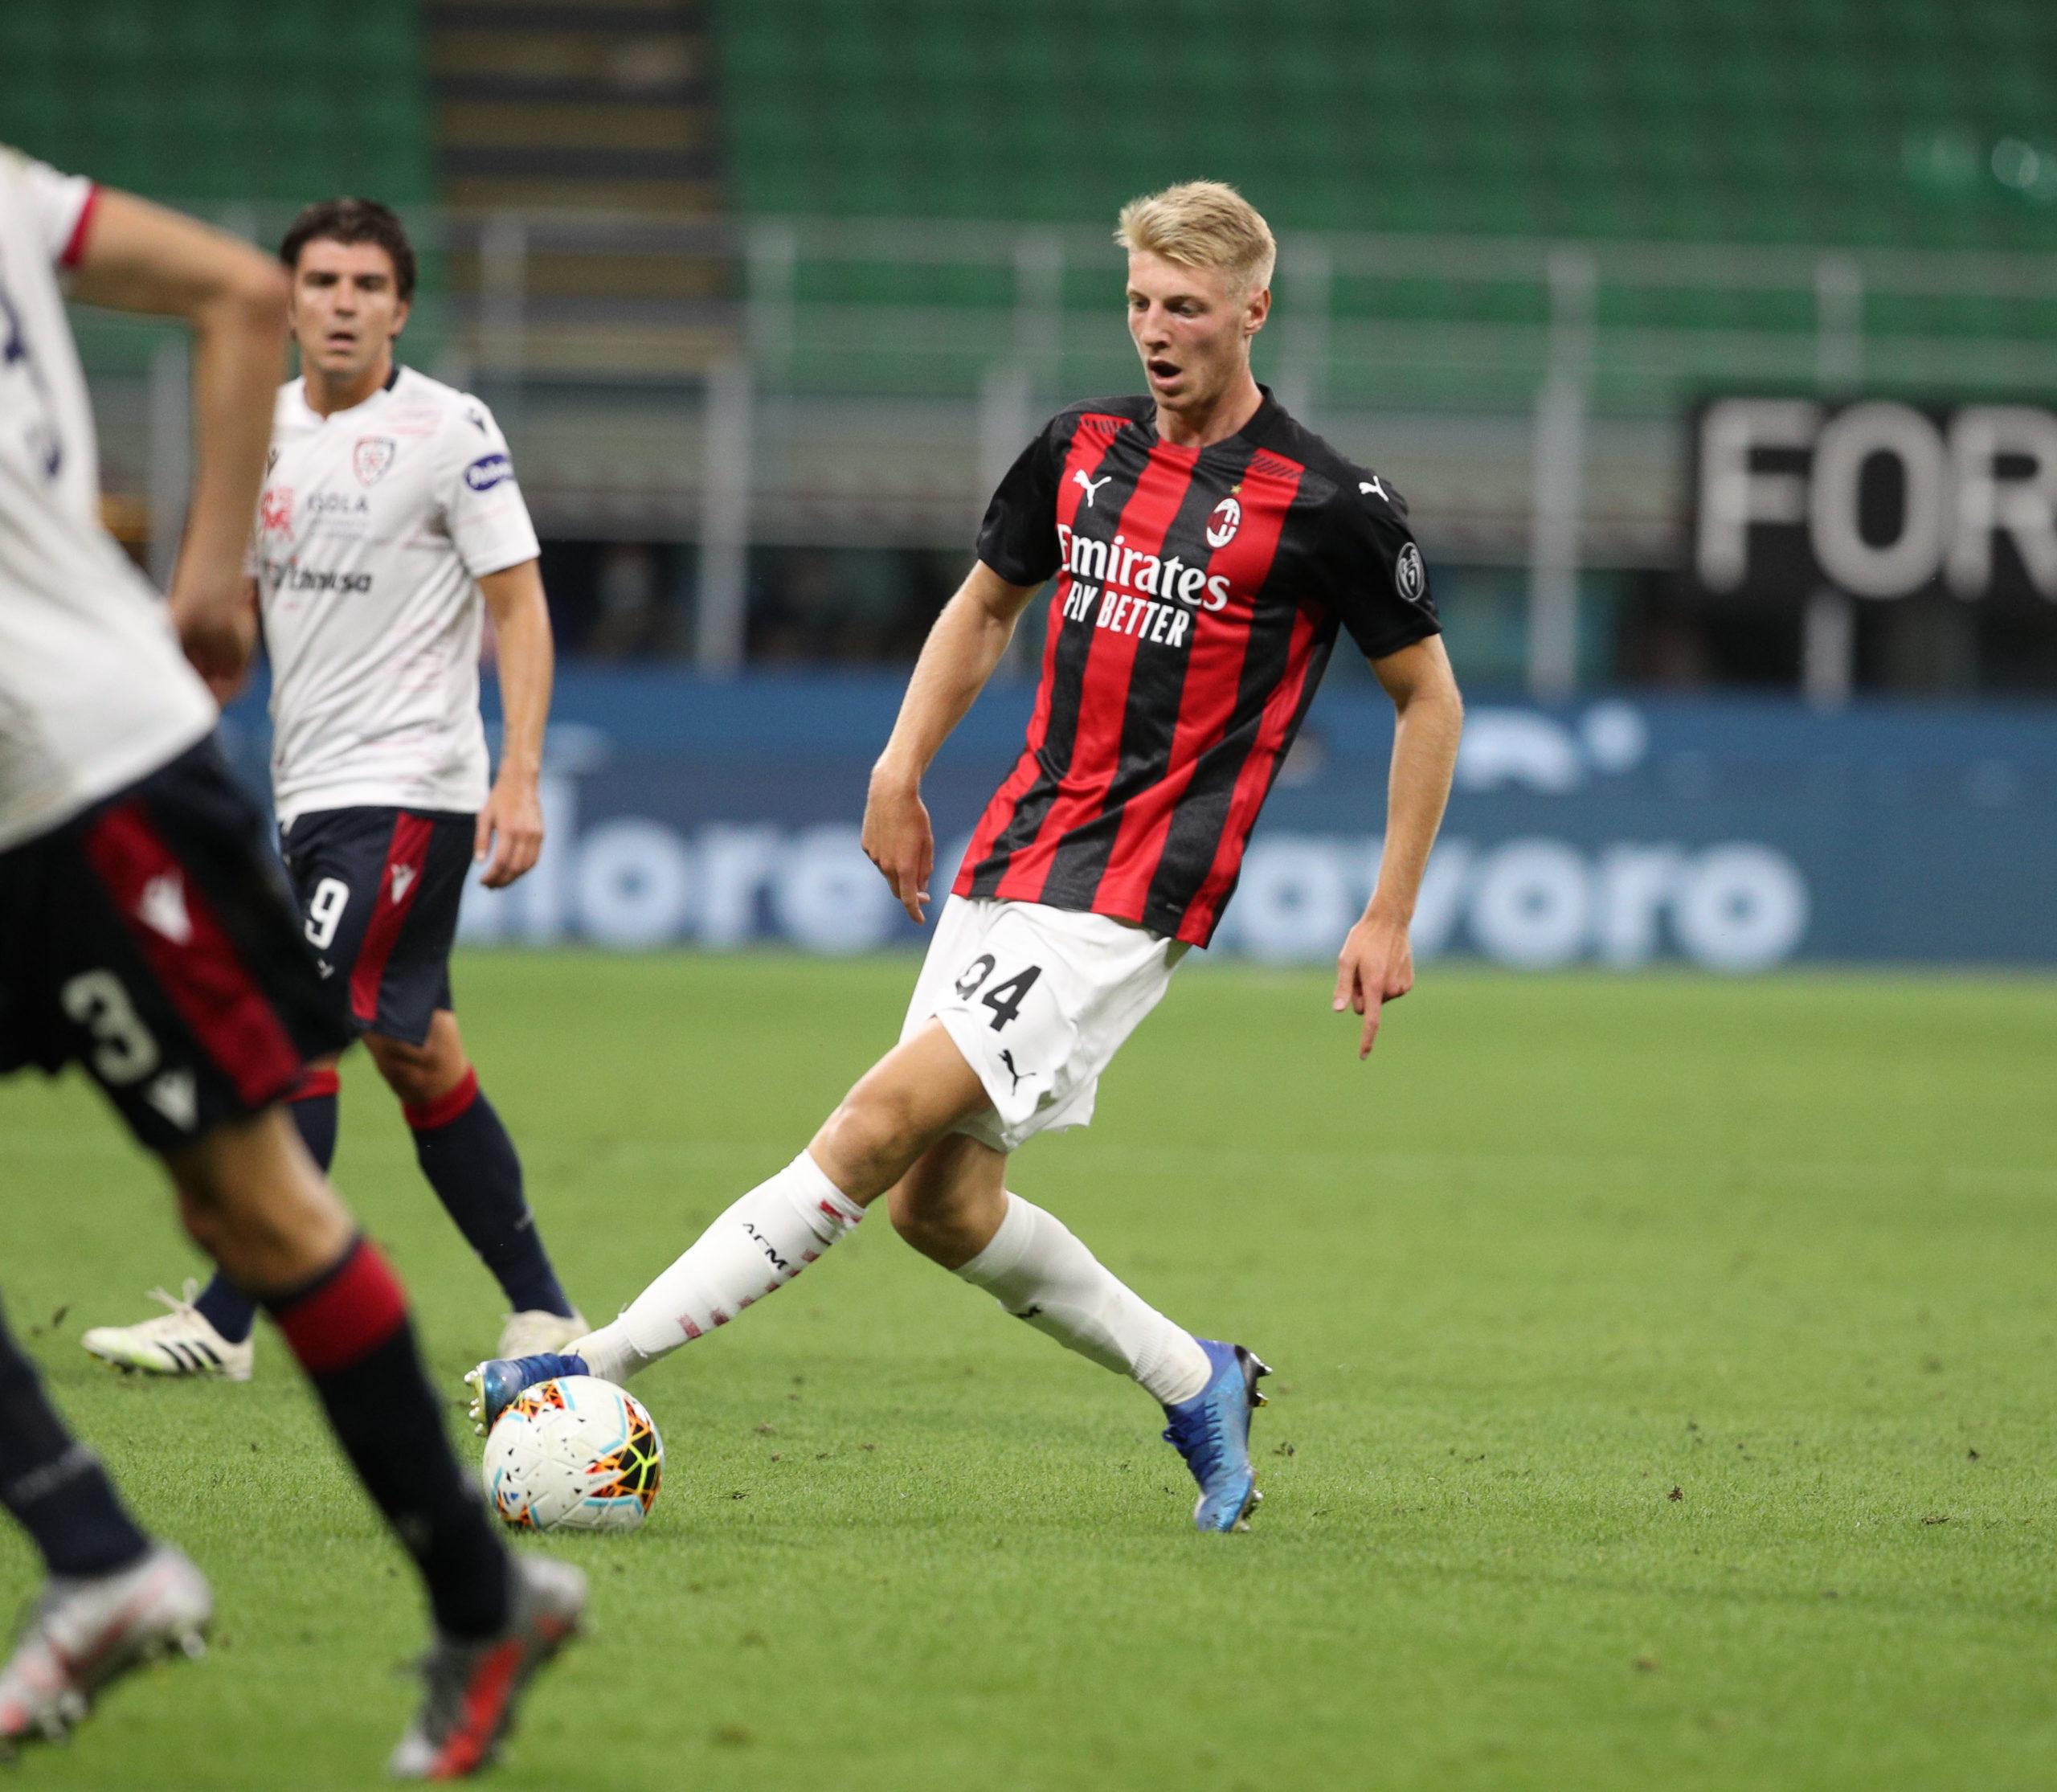 Milan: Marco Brescianini - Milanpress, robe dell'altro diavolo